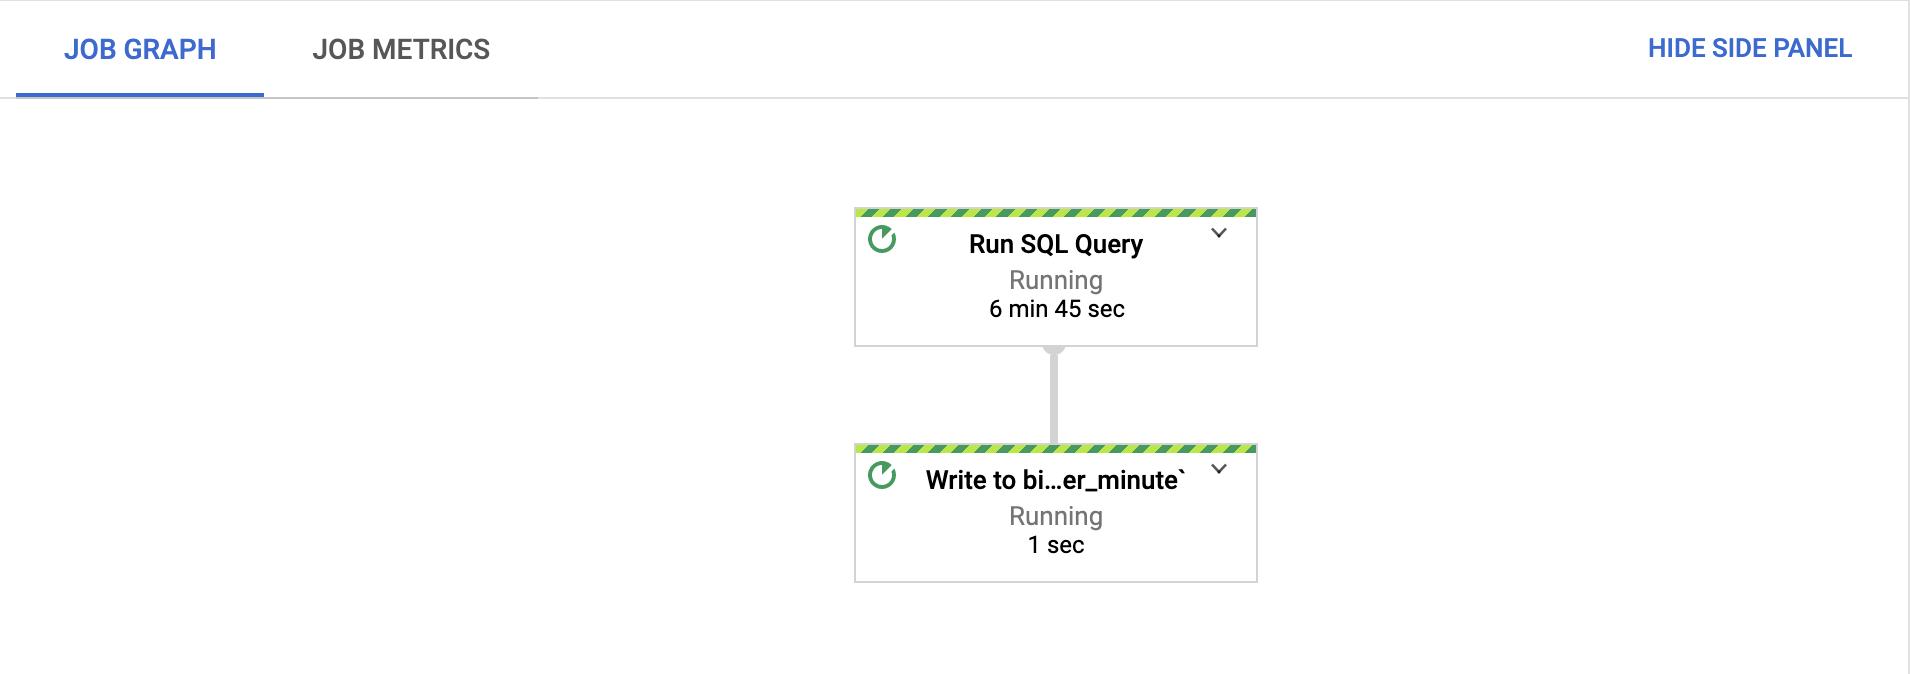 包含两个复合步骤的 Dataflow 作业图。第一步运行 6 分 45 秒,第二步运行 1 秒。